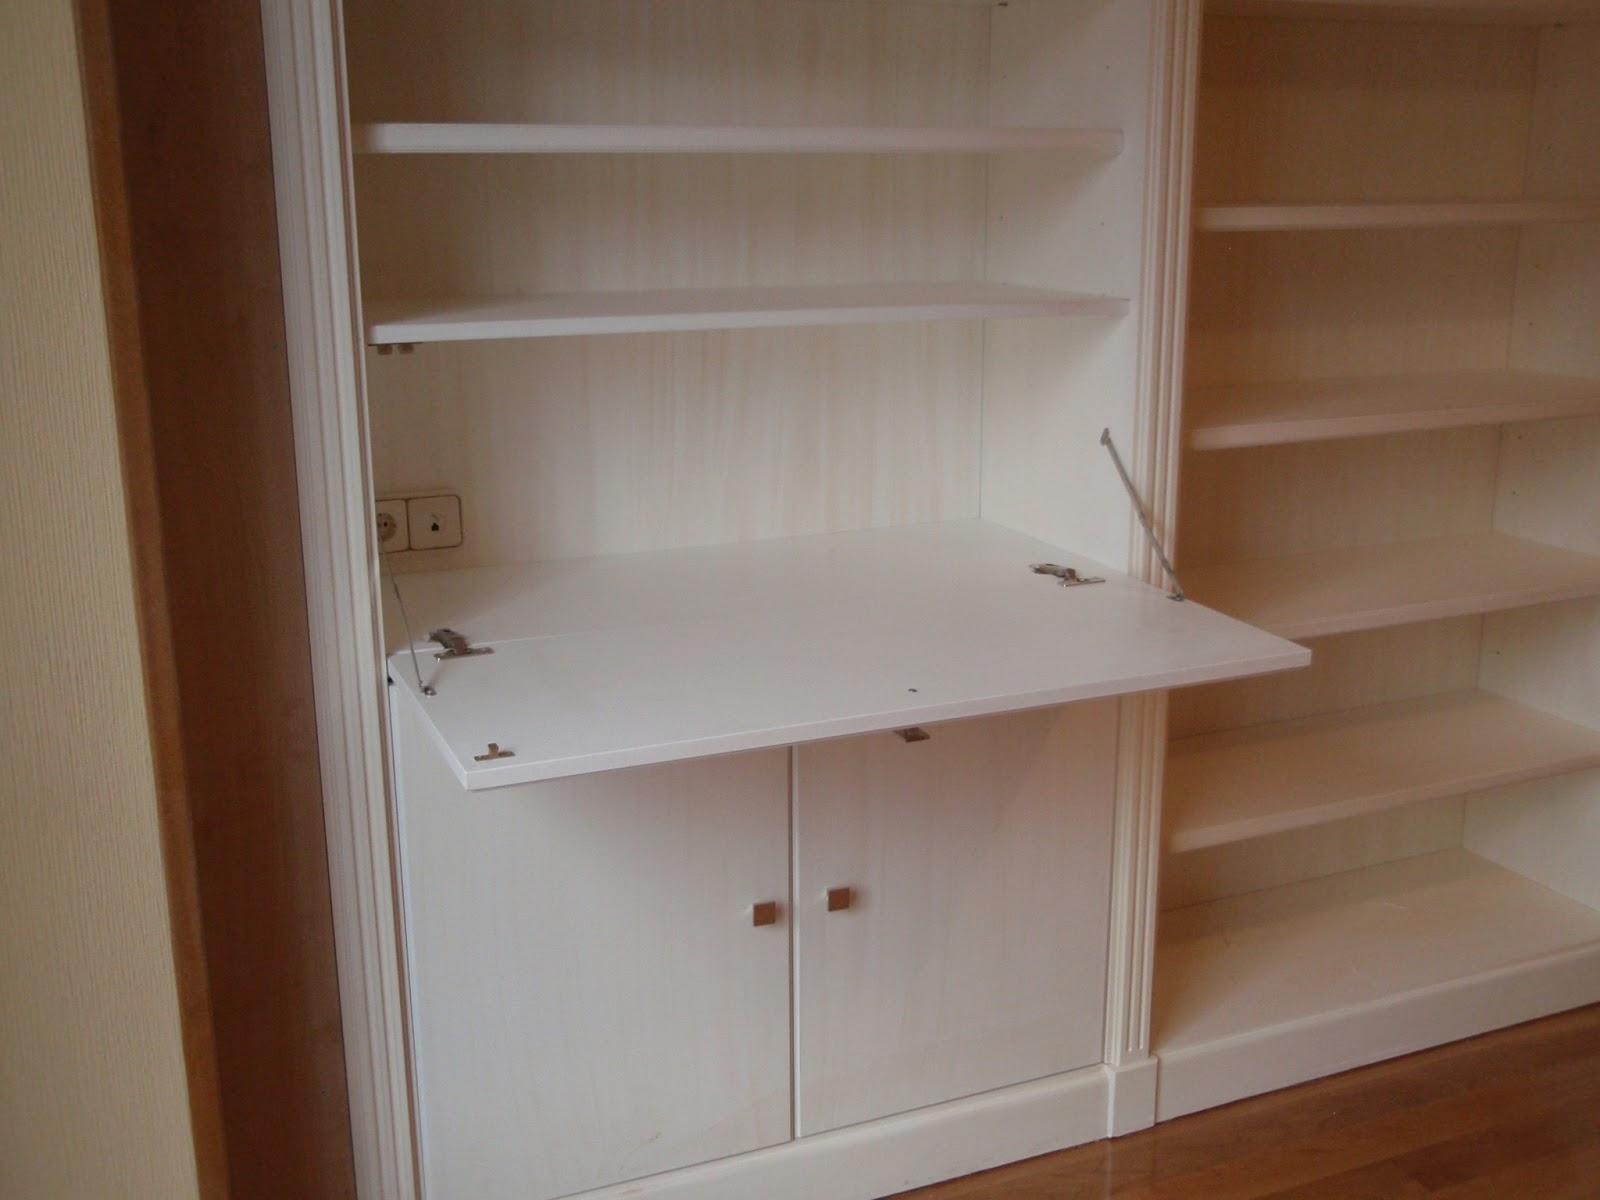 Mueble de pared completa a medida en madera lacada for Apertura puertas